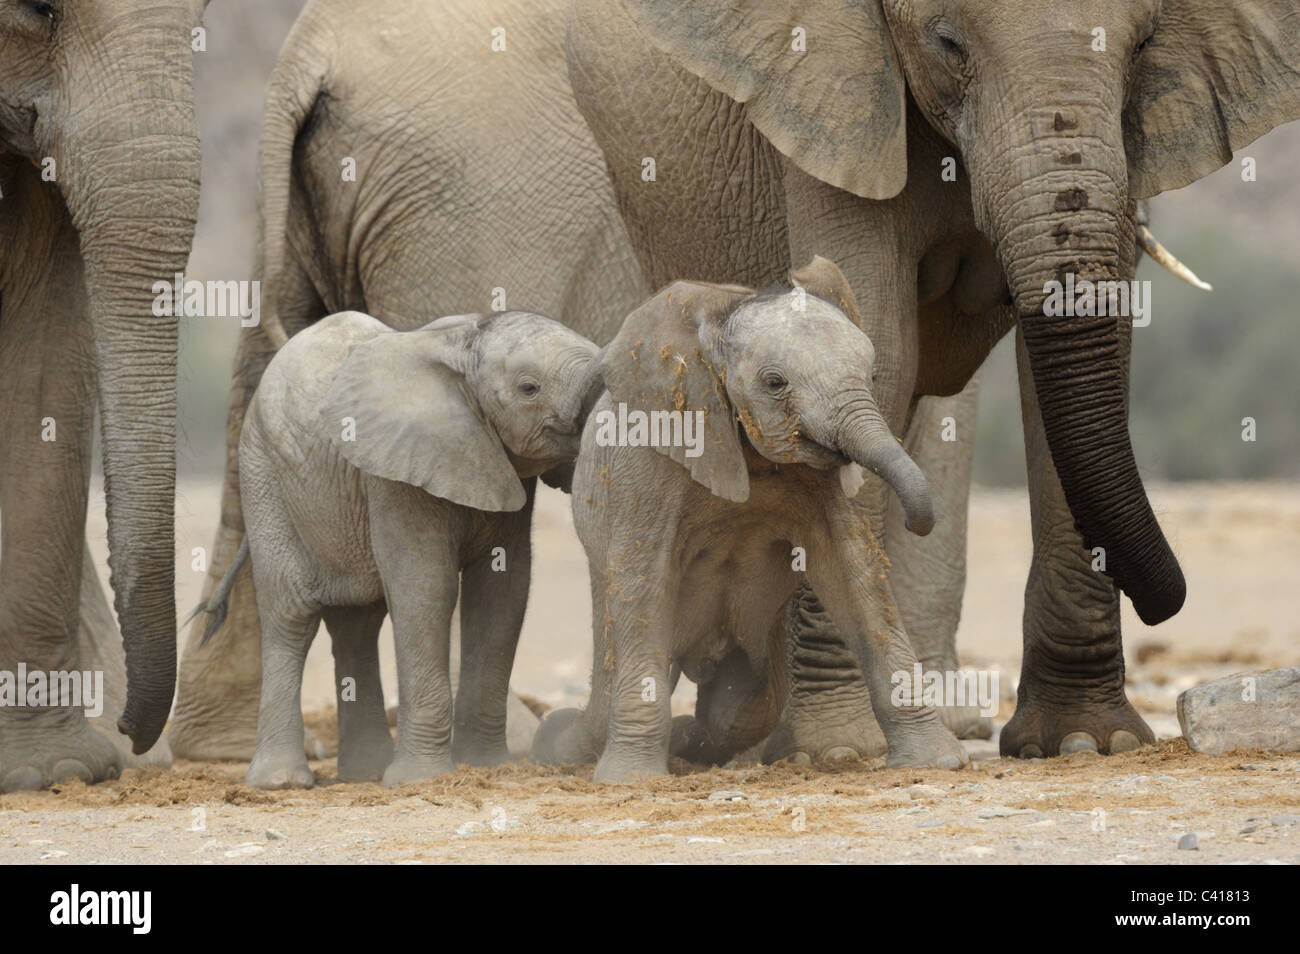 Gli elefanti del deserto, Loxodonta africana, Hoanib fiume secco, Namibia, Africa, Gennaio 2011 Immagini Stock